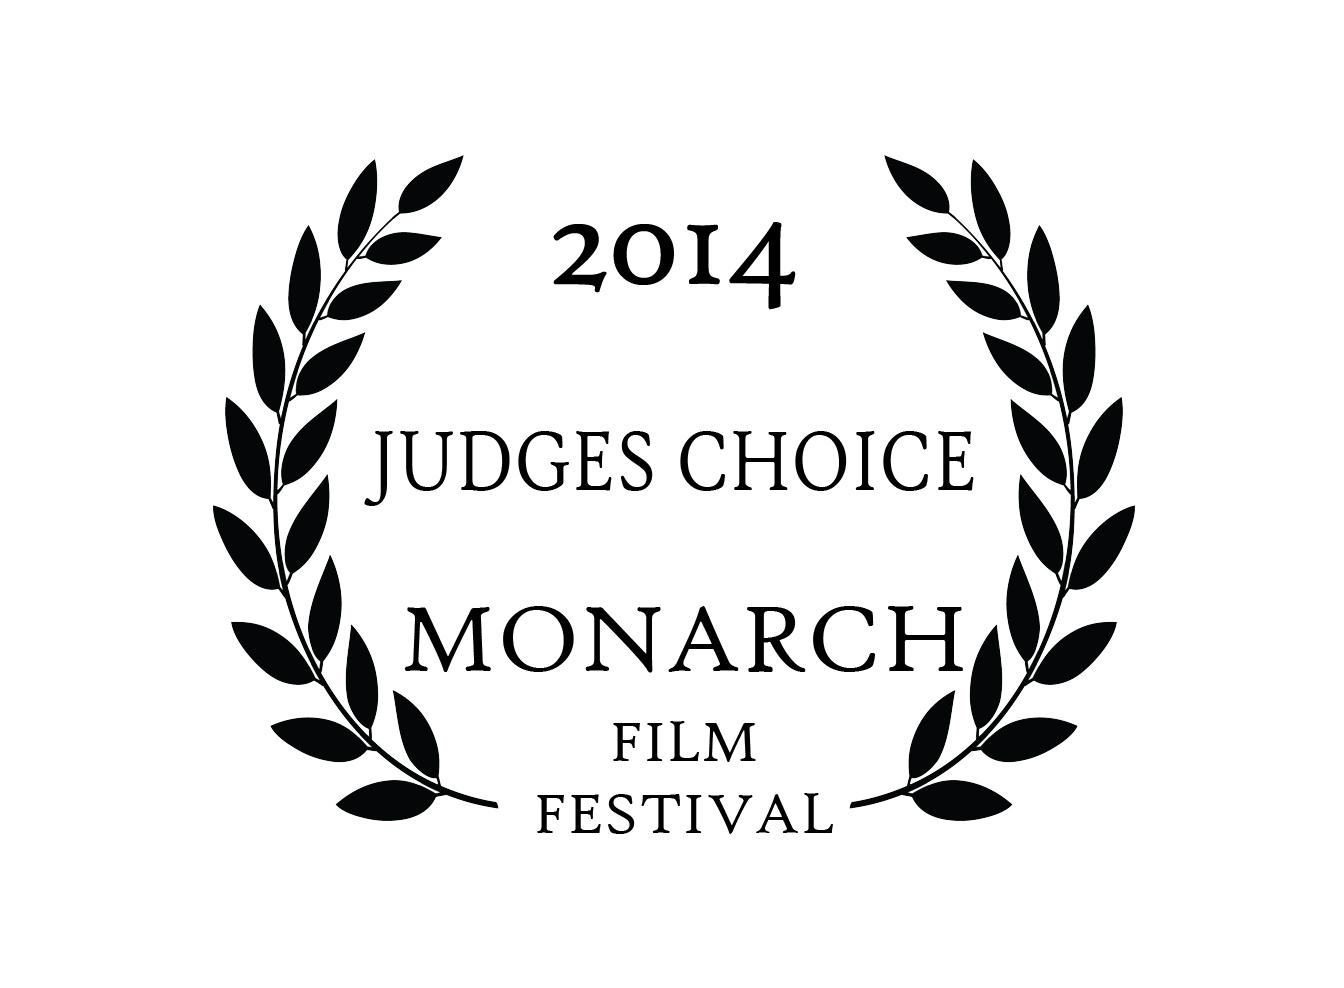 JudgesChoice2014.jpg